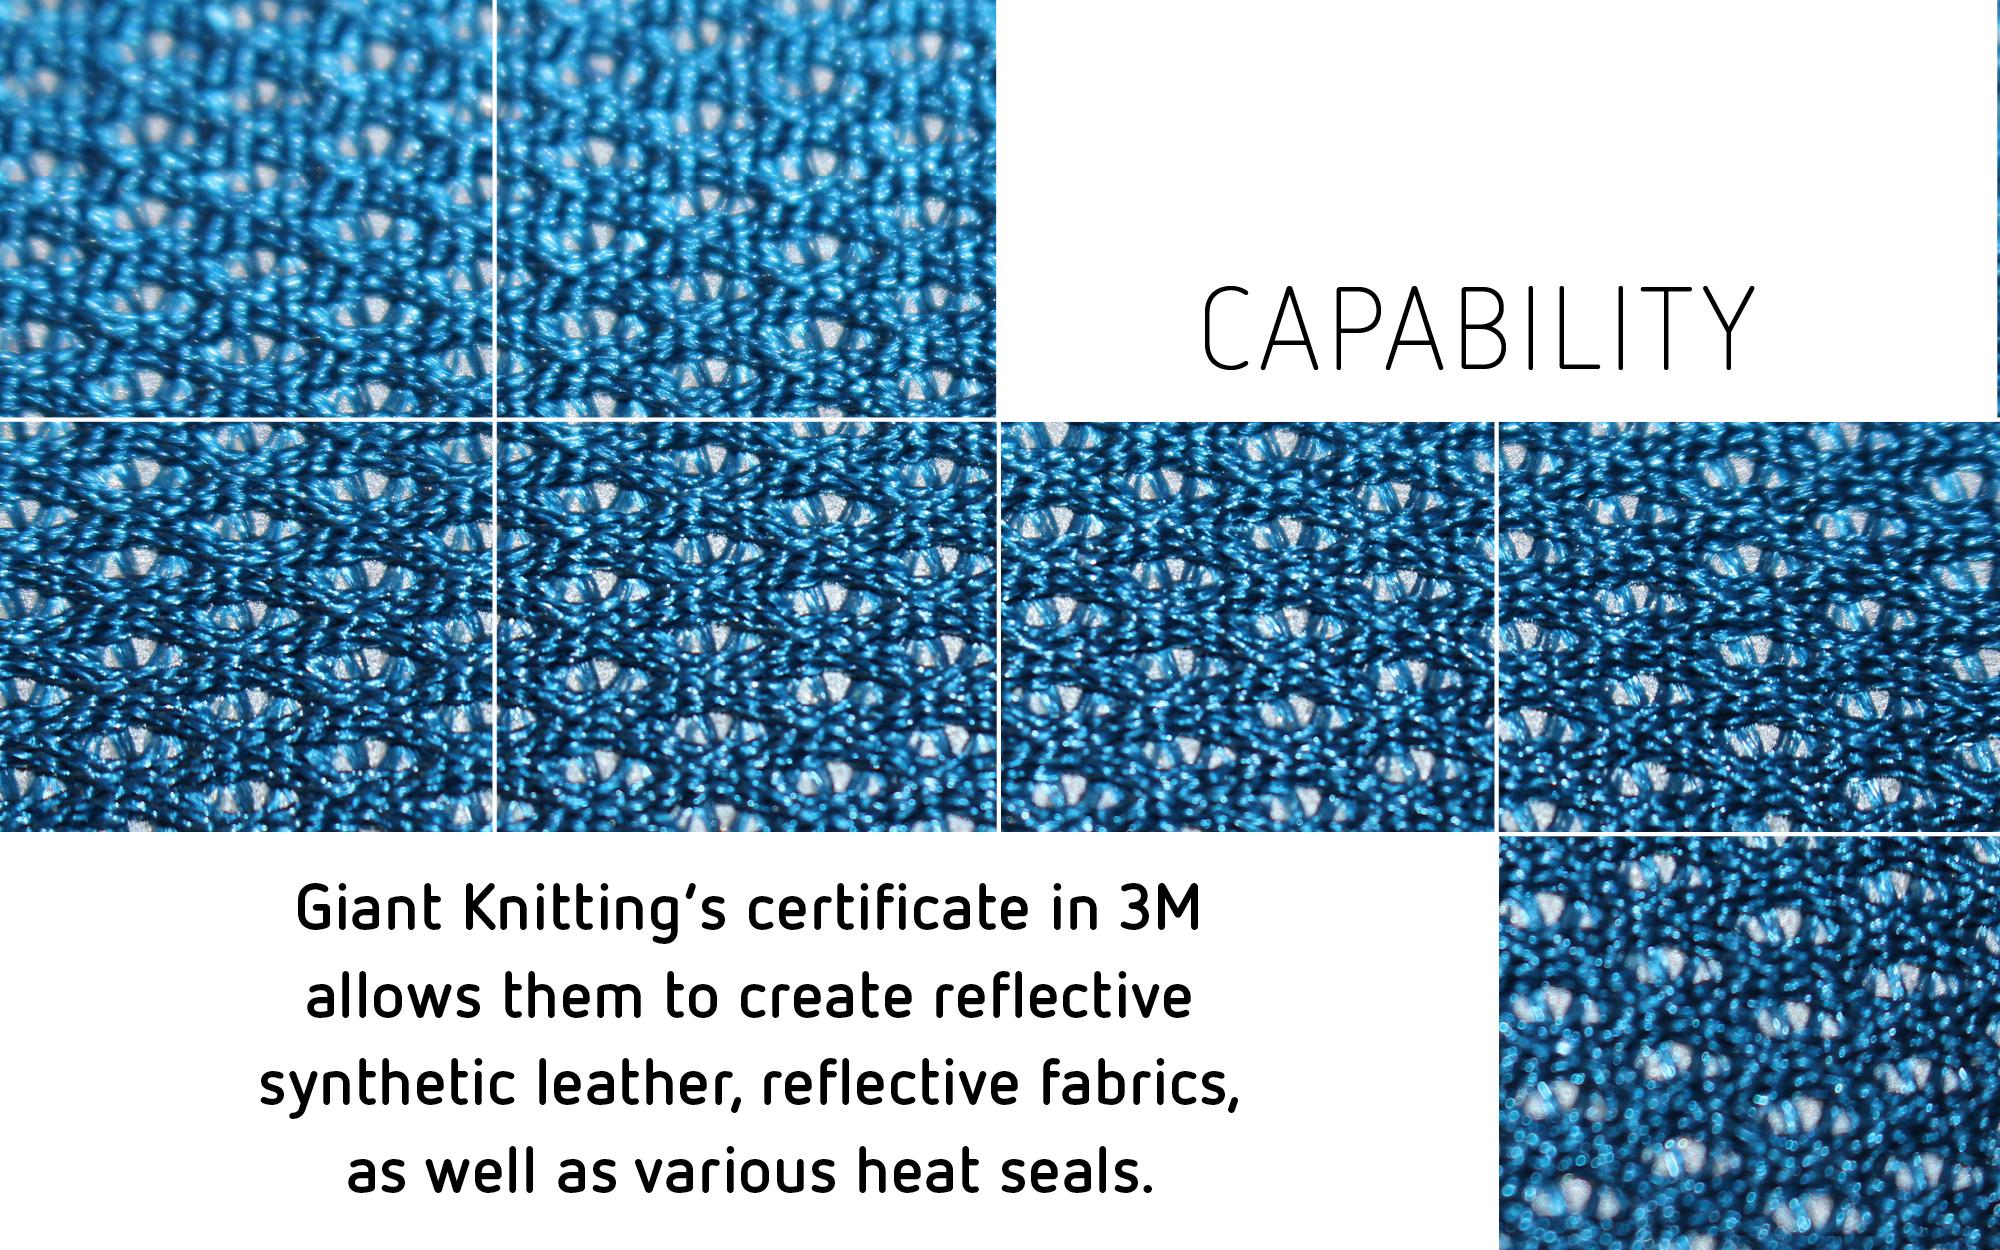 Giant Knitting Info slides3.jpg